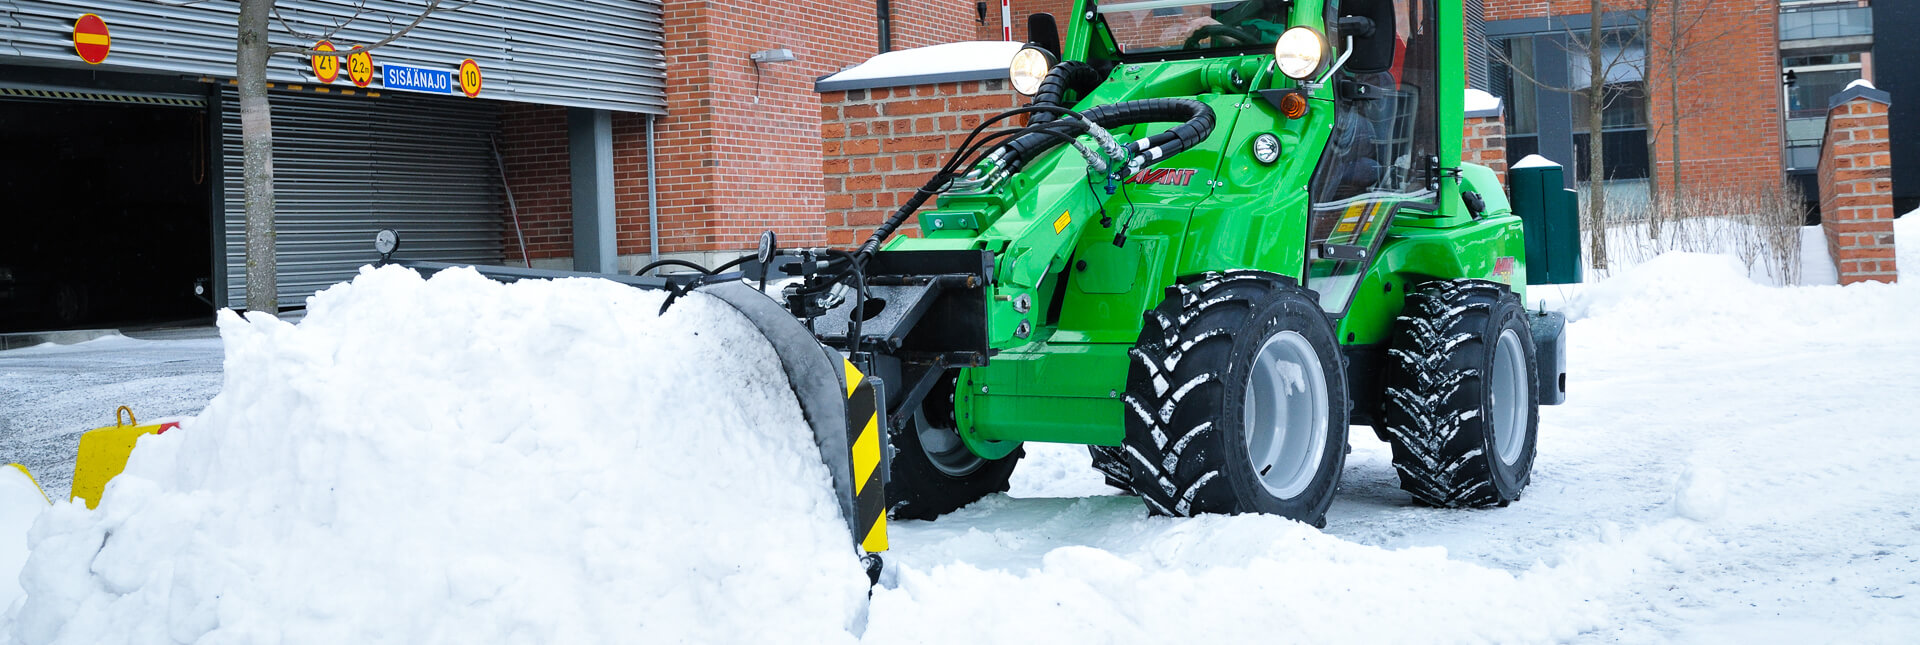 Arbejdsbillede af sneplov til rydning af sne, monteret til avant minilæsser